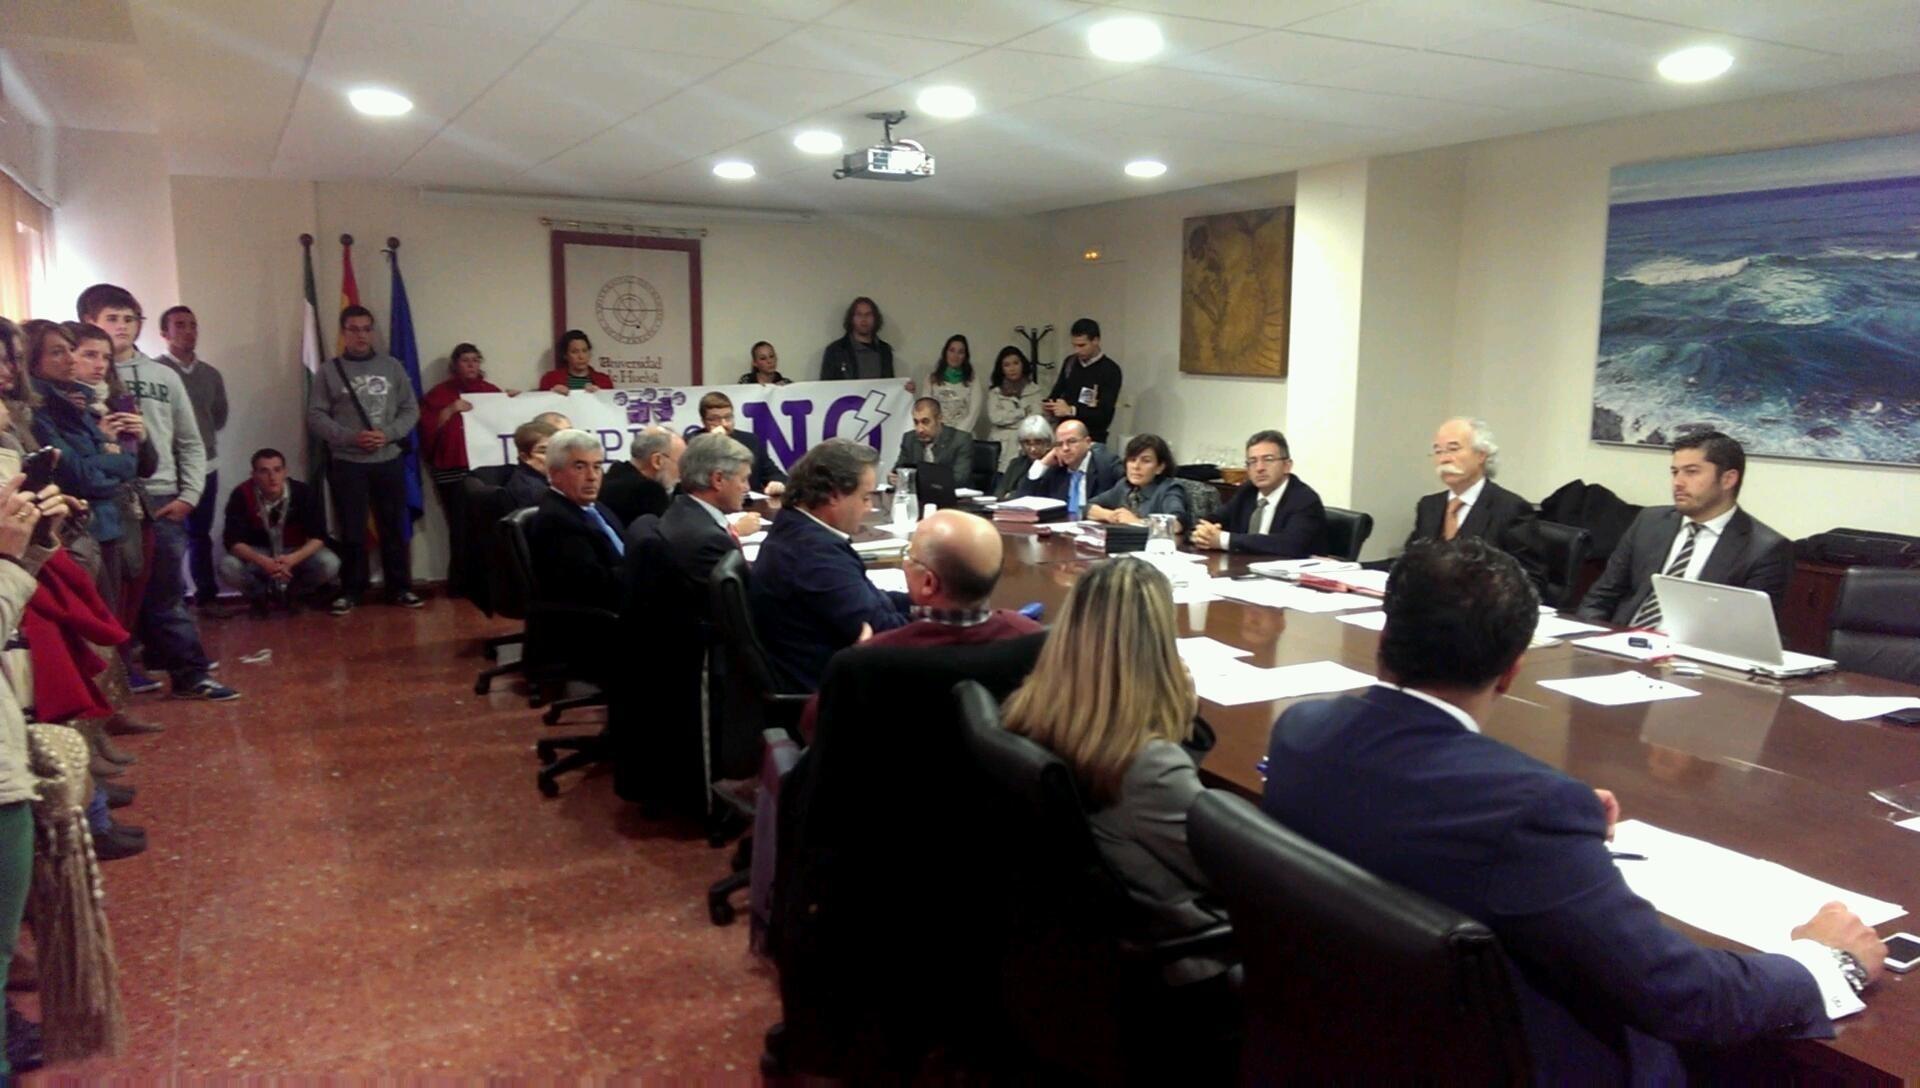 Suspendido el Consejo Social de la Universidad de Huelva debido a la presencia de miembros del Capítulo 6